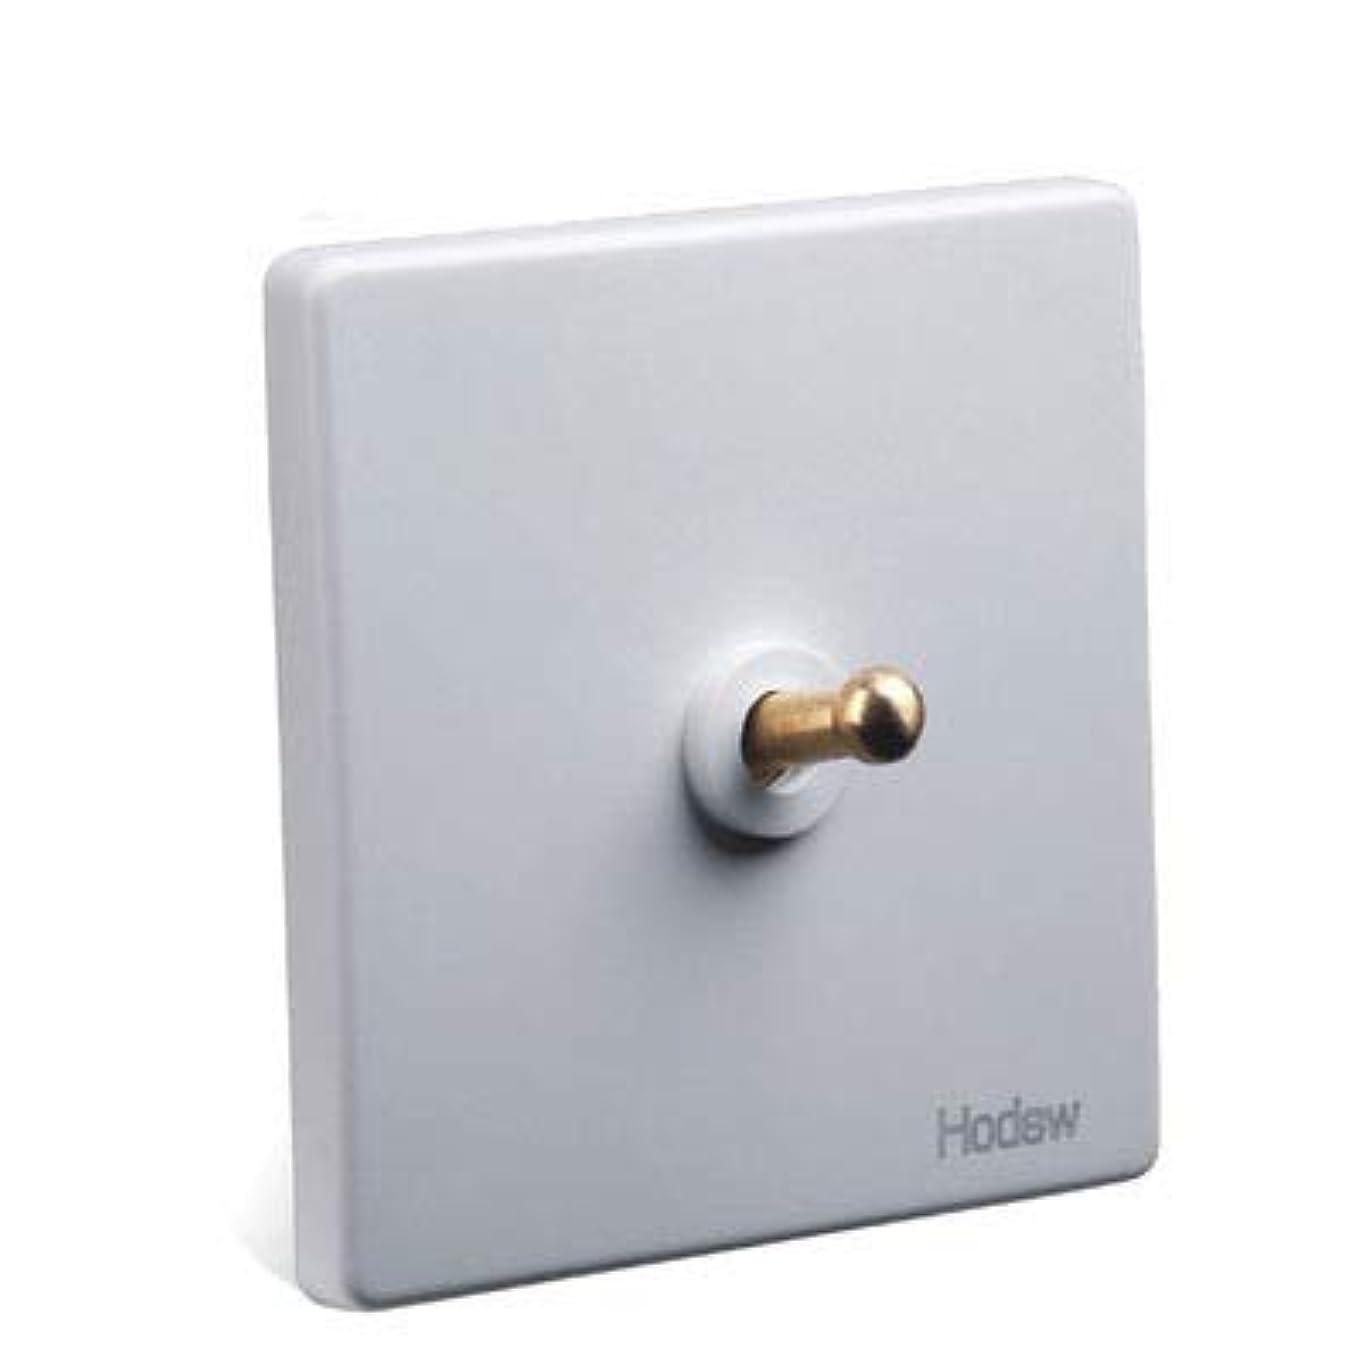 削減セイはさておき考古学者1-4ギャングホワイトトグルランプスイッチアウトレット真鍮レバーシングルデュアルコントロールレトロライトスイッチ壁電源ソケットパネルセット (Color : TV Socket)